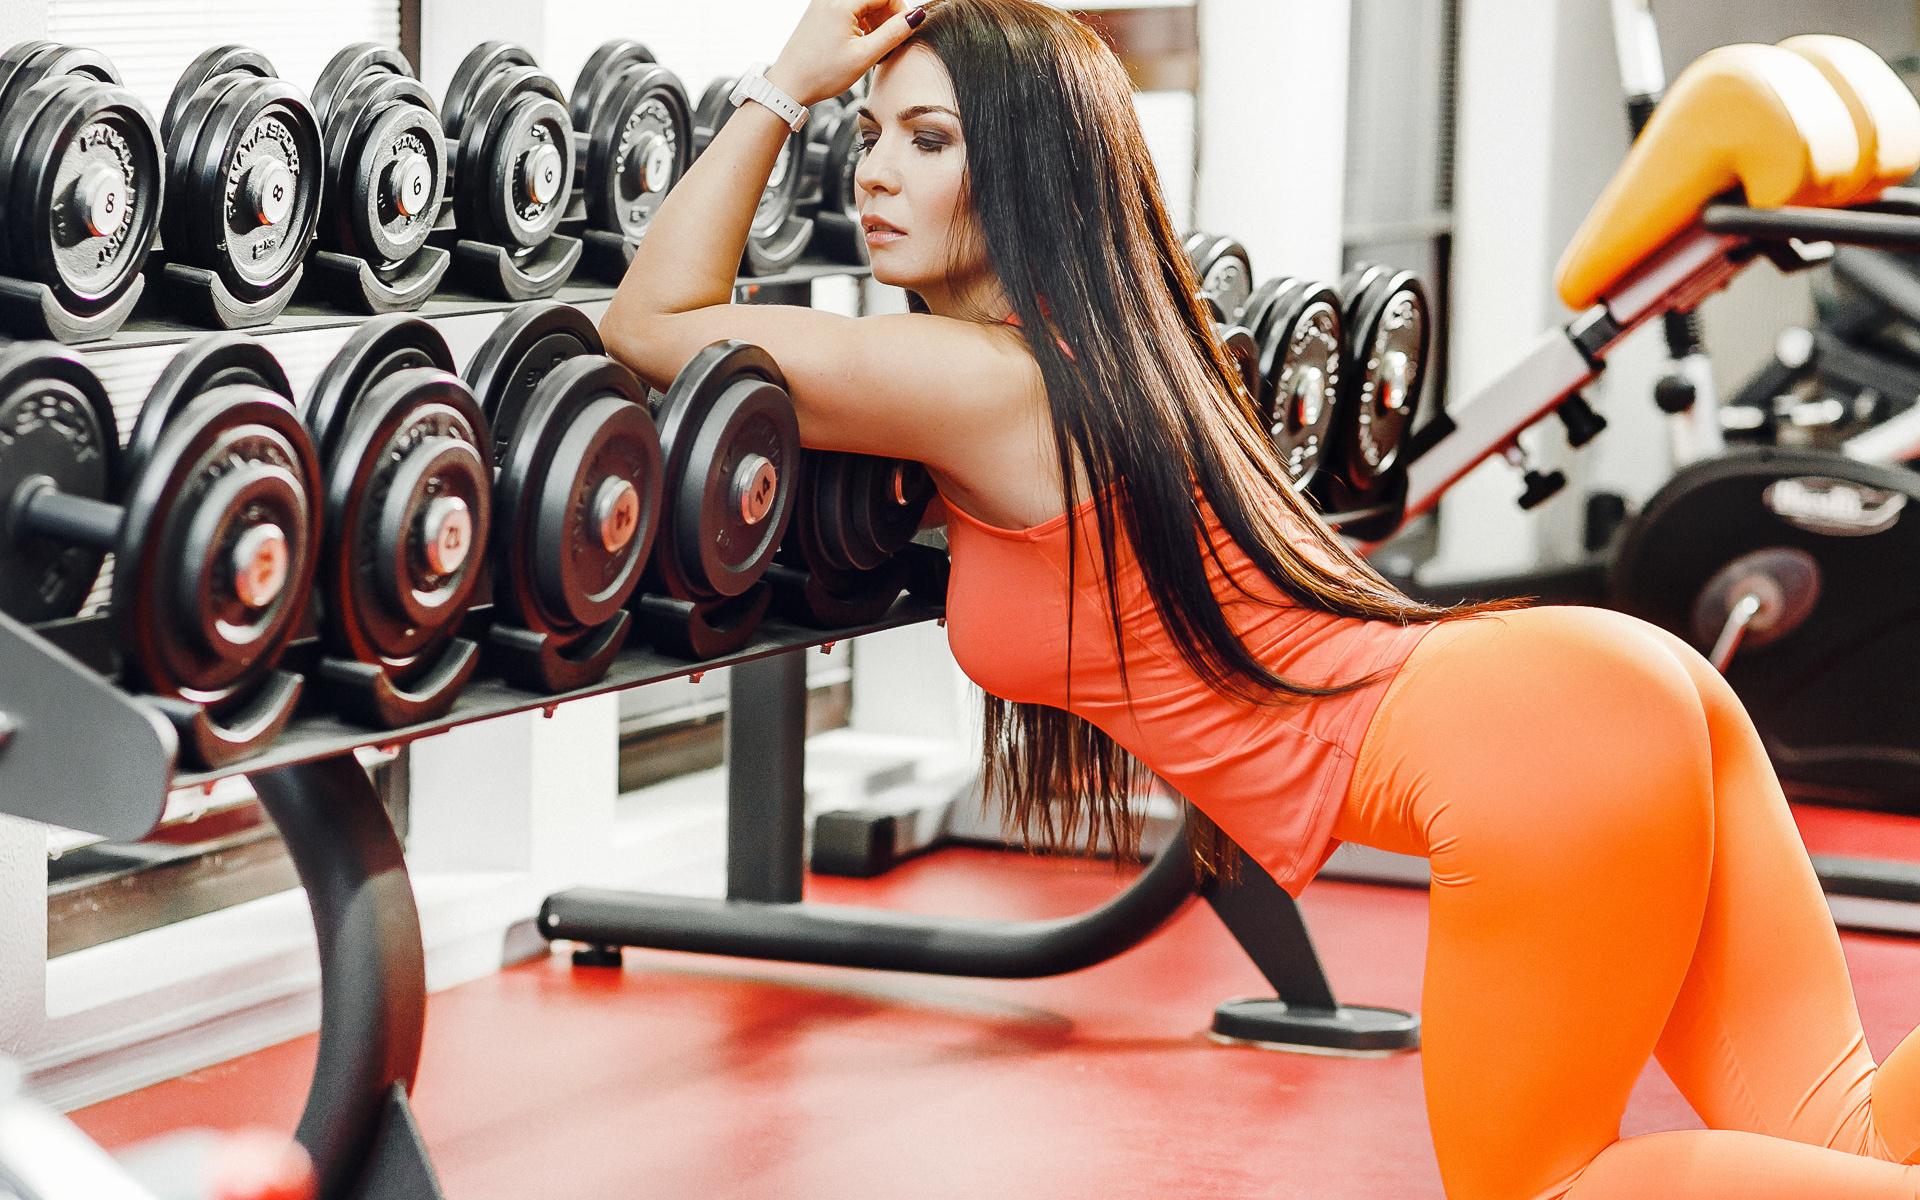 женщины подобный видео девушек в фитнес зале обращаем